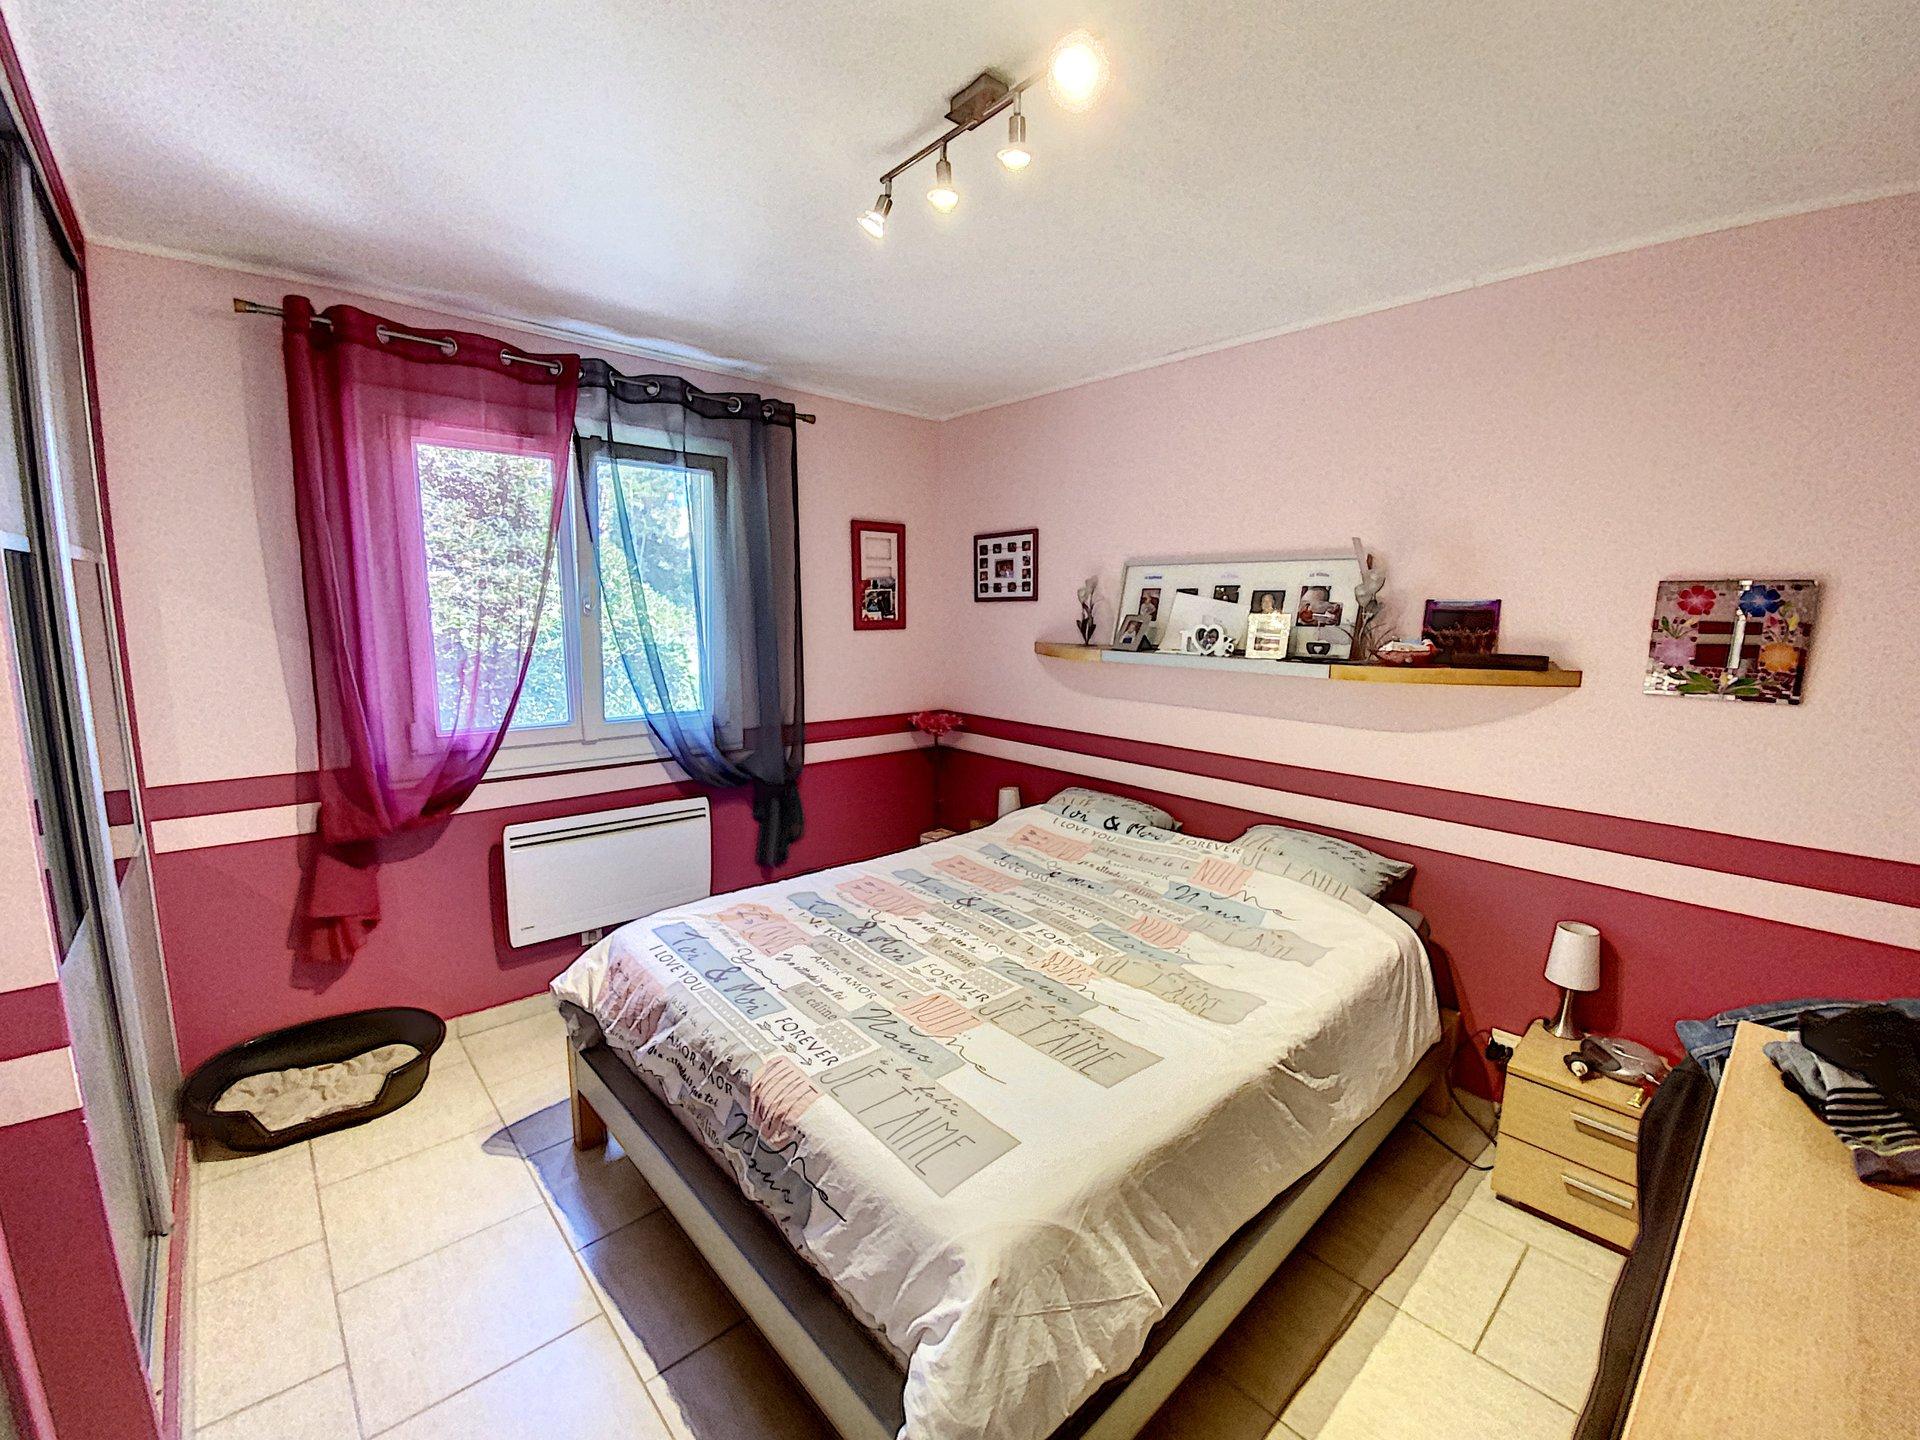 SAINT LAURENT DU VAR - Maison - 4 chambres - 6 pièces